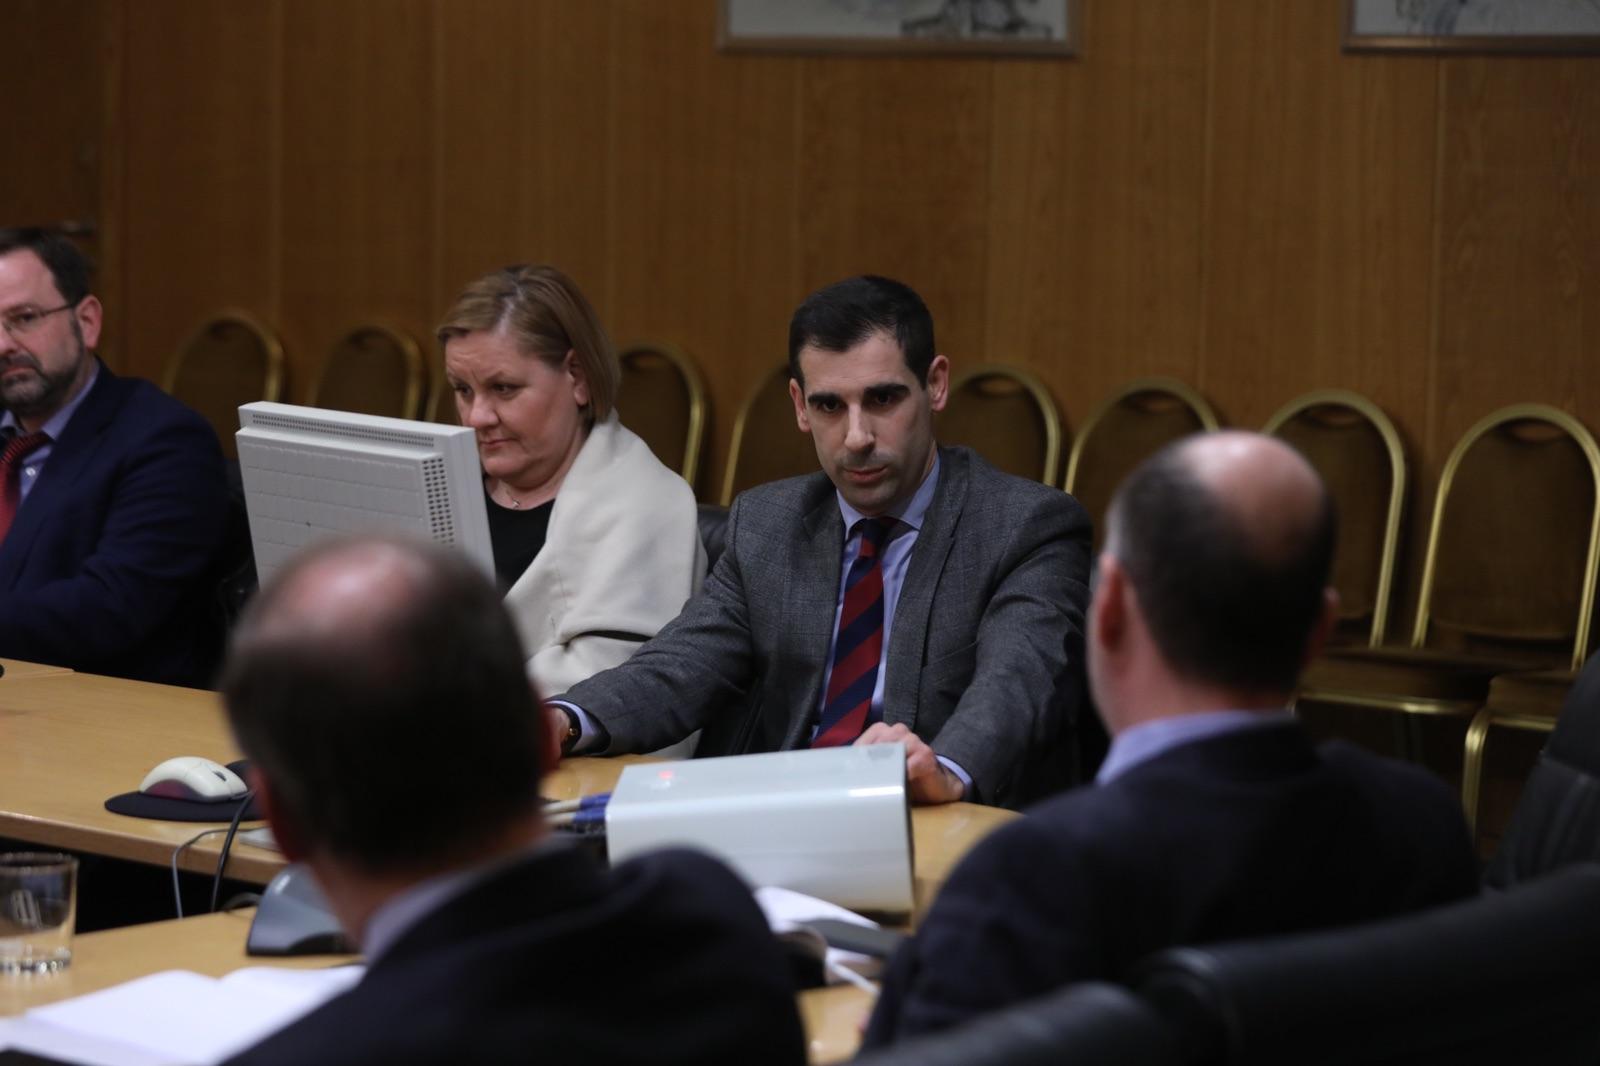 Βασίλης Γιαννόπουλος, Αντιπεριφερειάρχης ΠΕ Ηλείας για σύσκεψη για το Πάτρα-Πύργος: Αισιοδοξία για σύντομη έναρξη υλοποίησης του έργου αλλά όχι εφησυχασμός